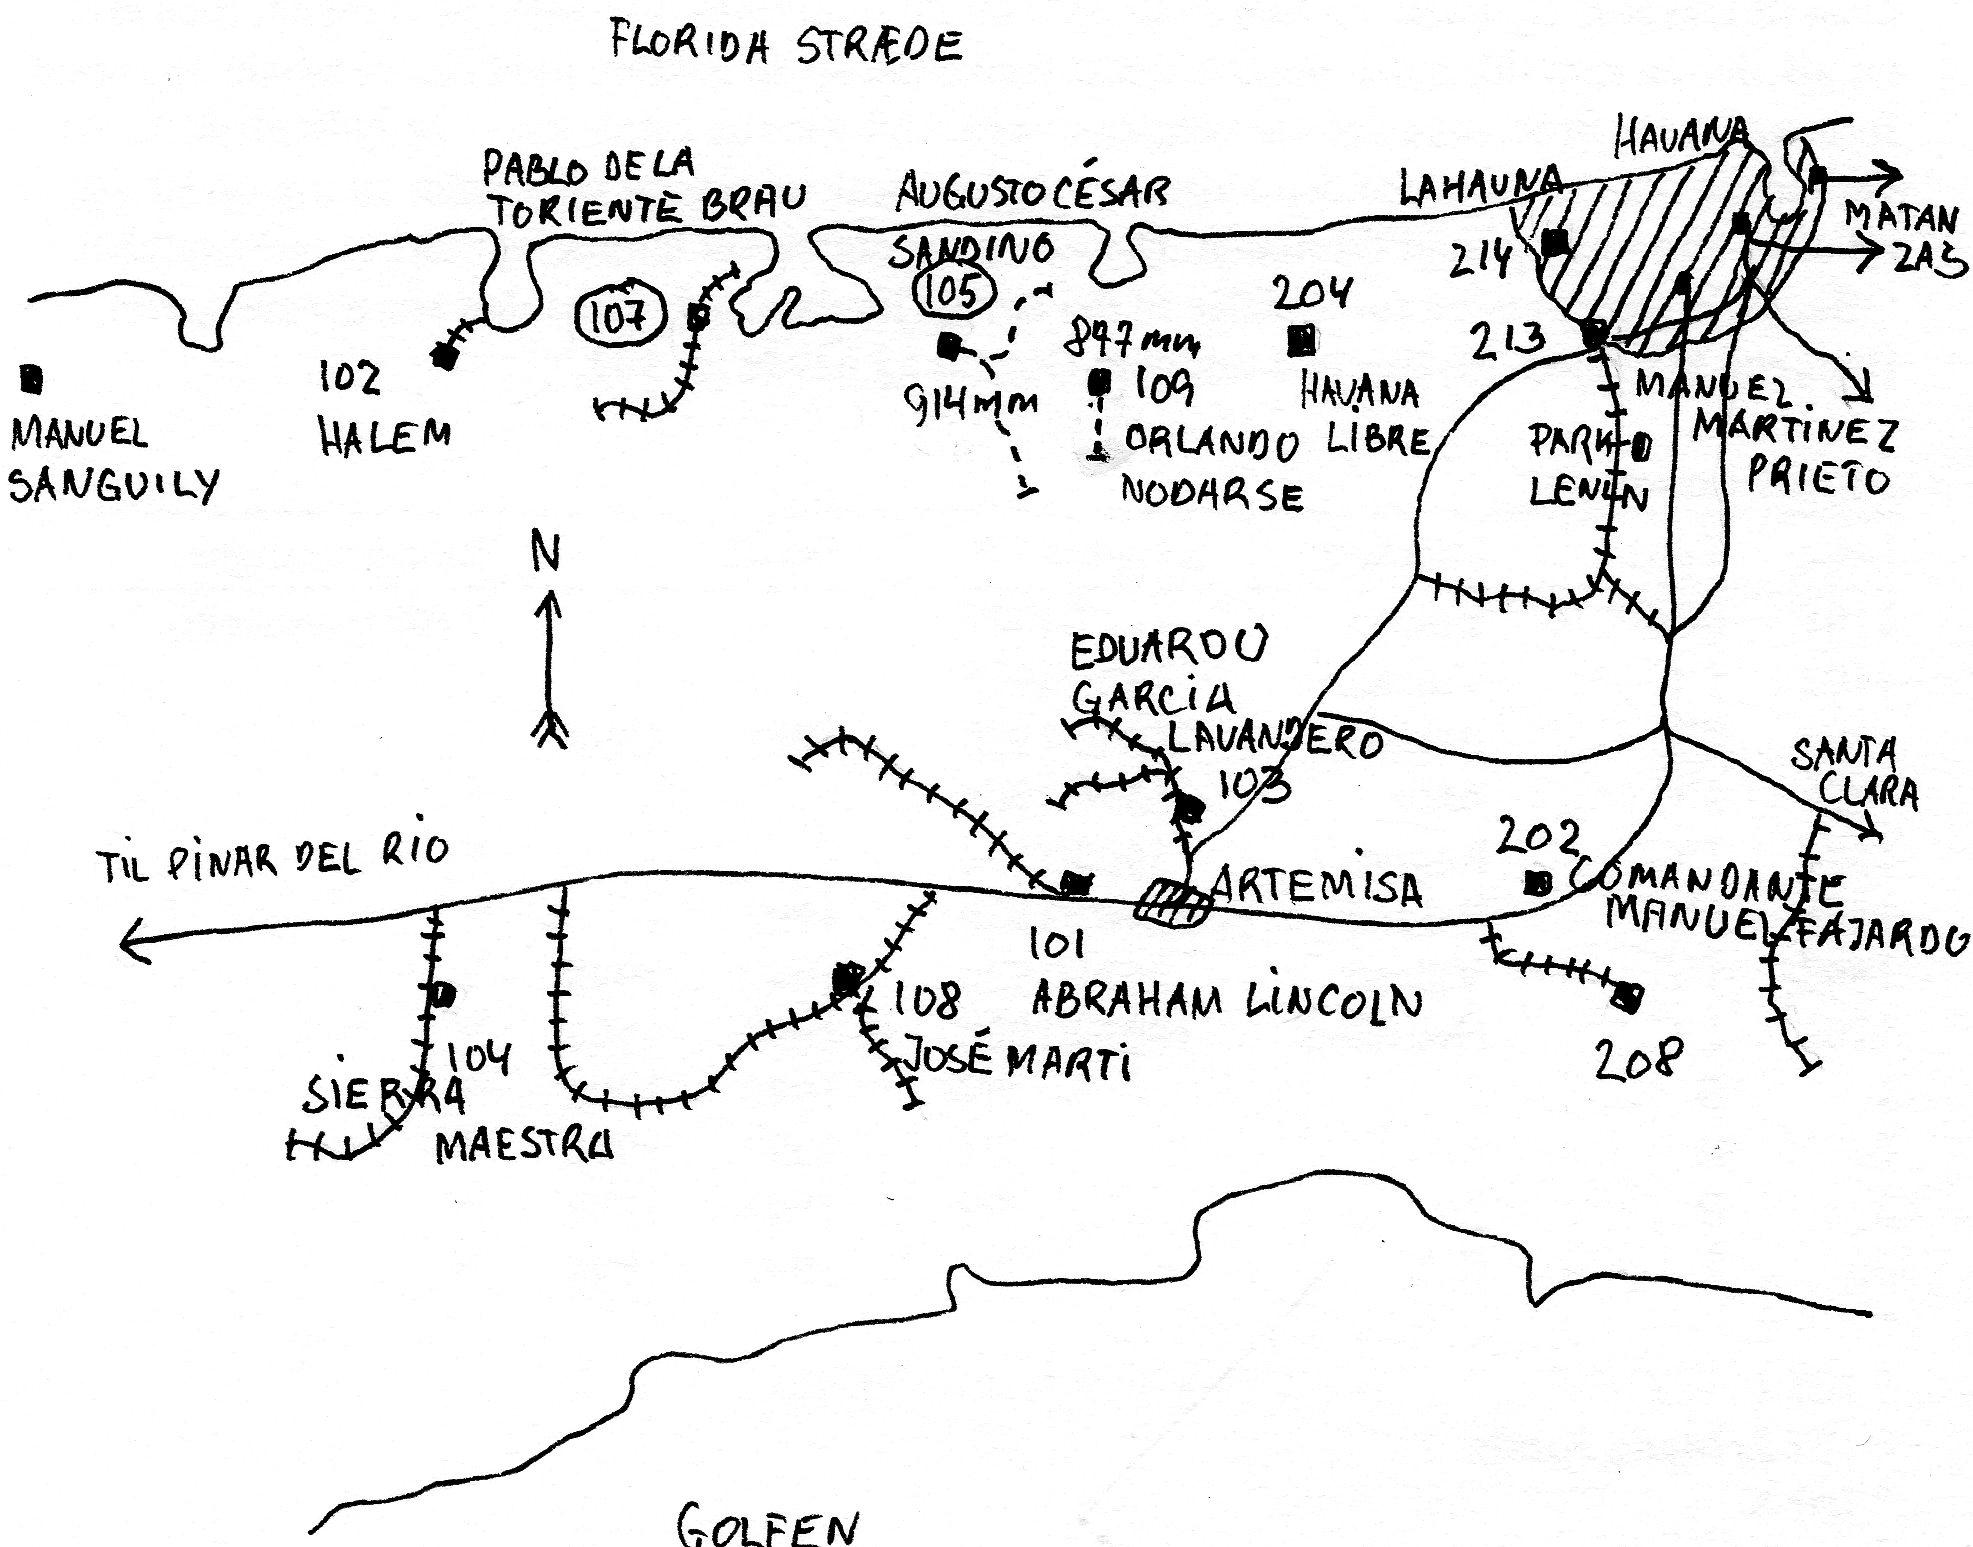 Kort, det eneste, jeg fik tegnet, over møllerne syd og vest for Havana. Statsbaner er fuldtoptrukte. MINAZ baner i normalspor har sveller, men de punkterede er MINAZ i smalspor. Indbollede møllenumre står ved besøgte møller.